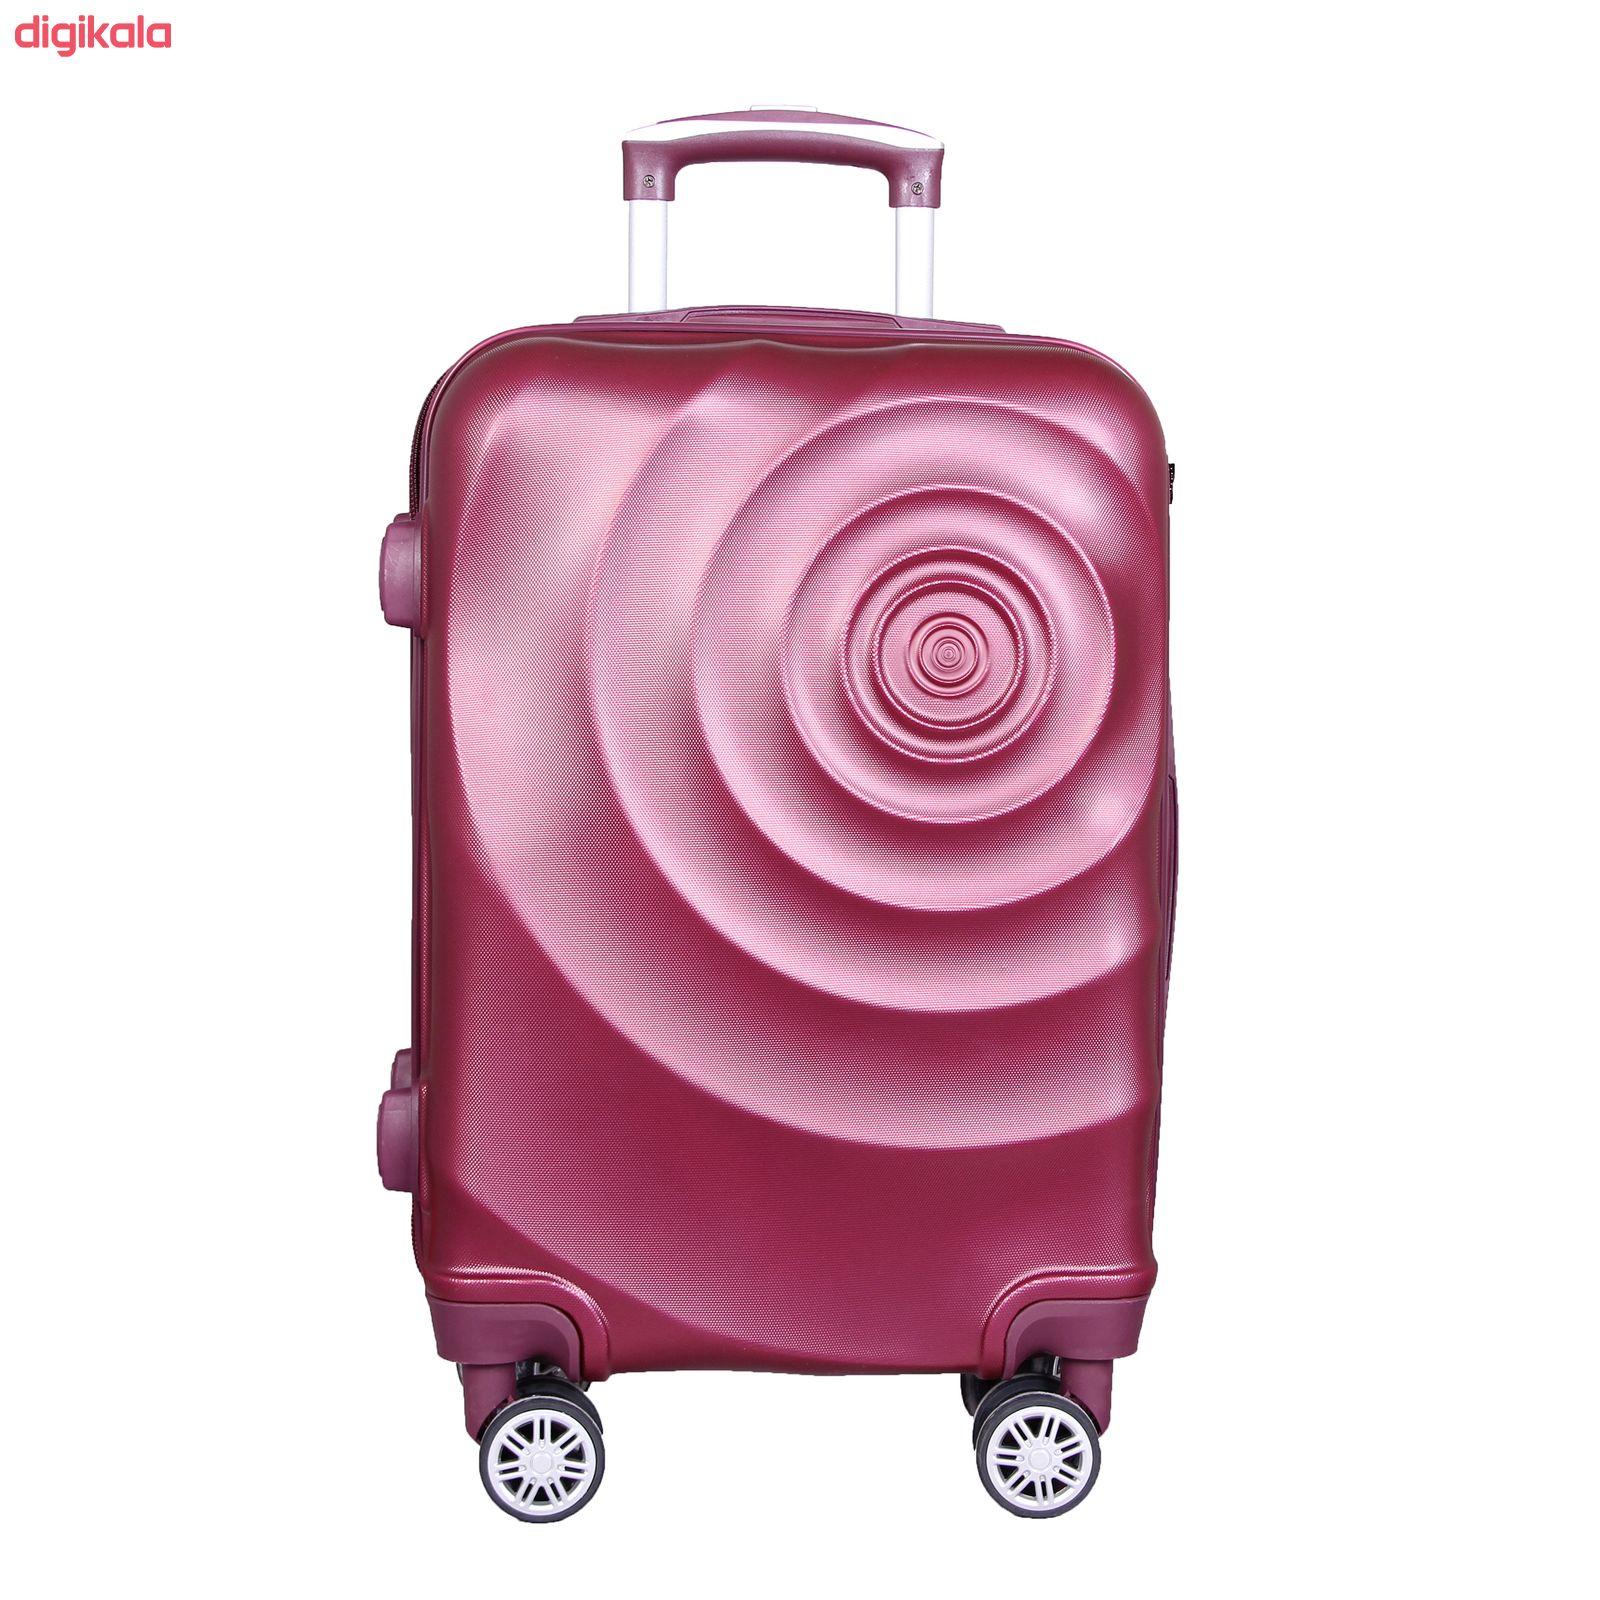 مجموعه چهار عددی چمدان مدل 319363 main 1 33